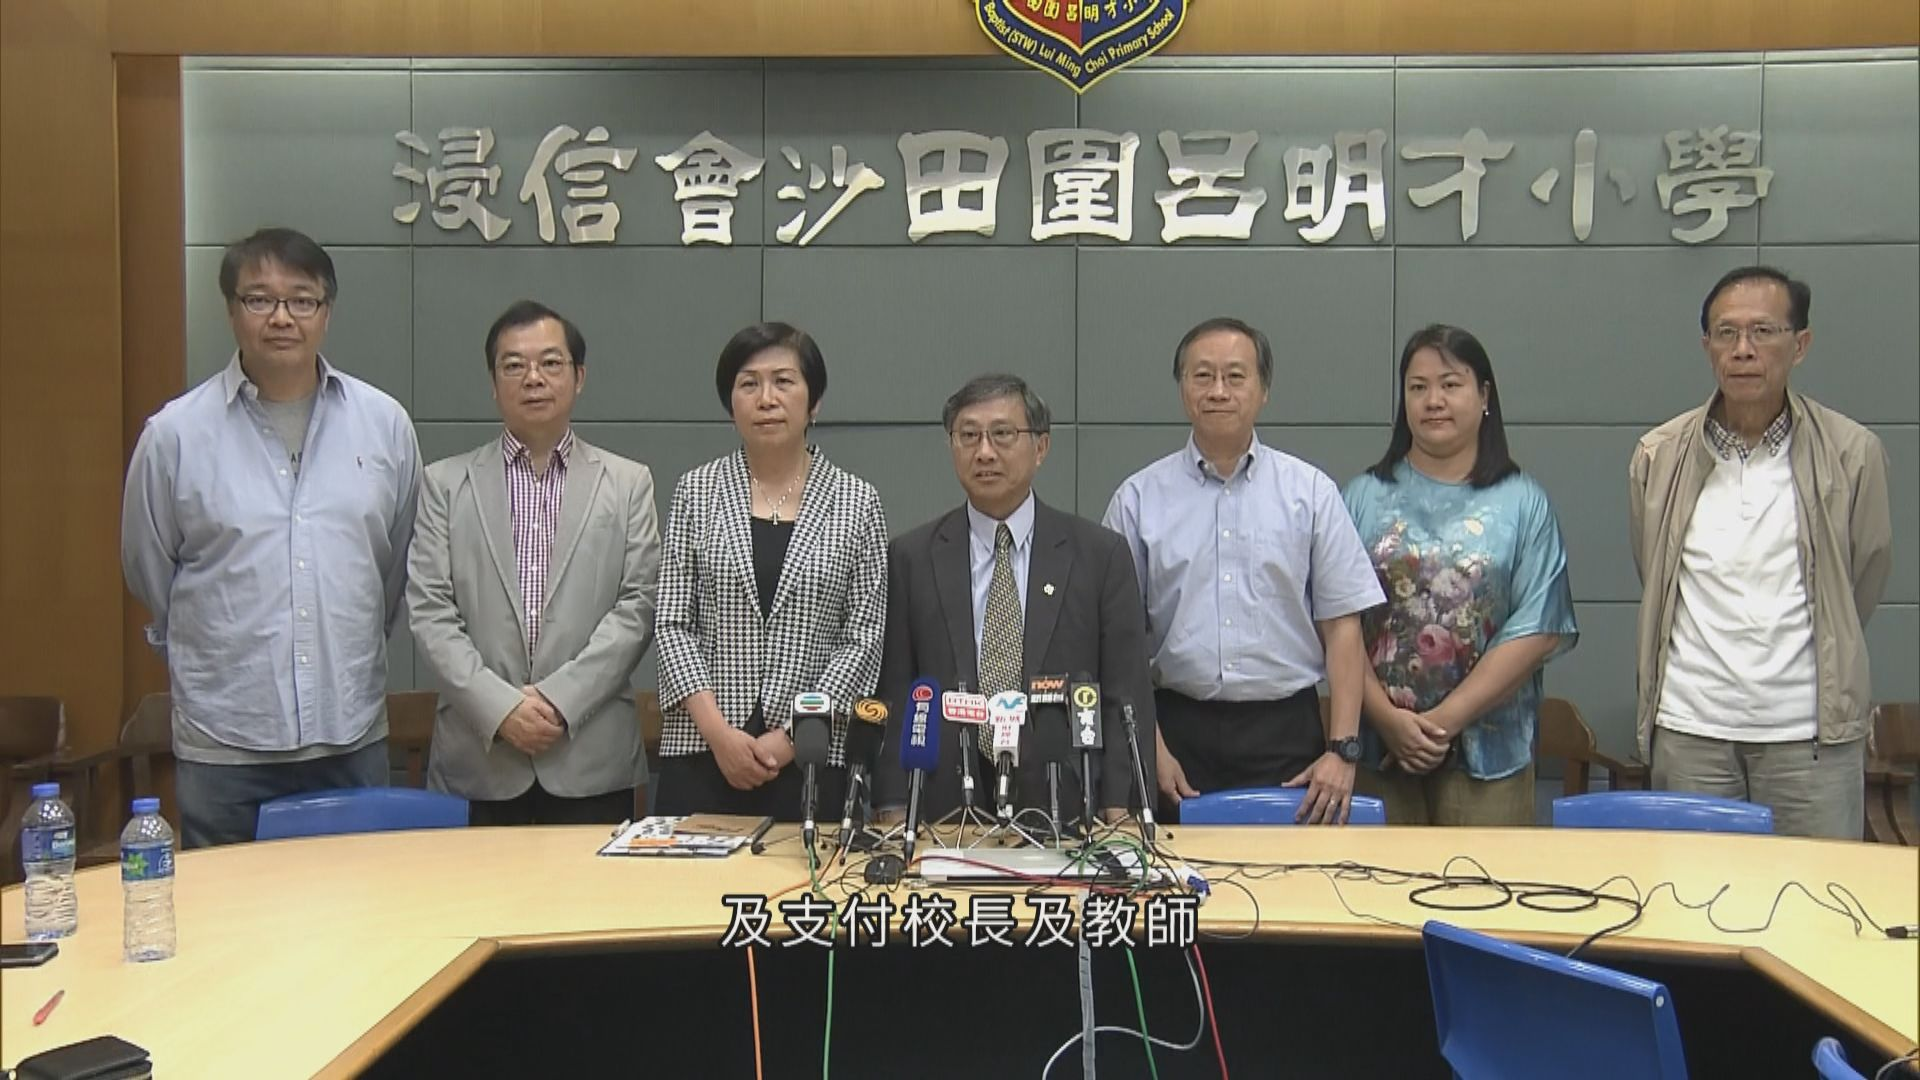 沙田圍呂小以學生團費支付教師旅費涉違例